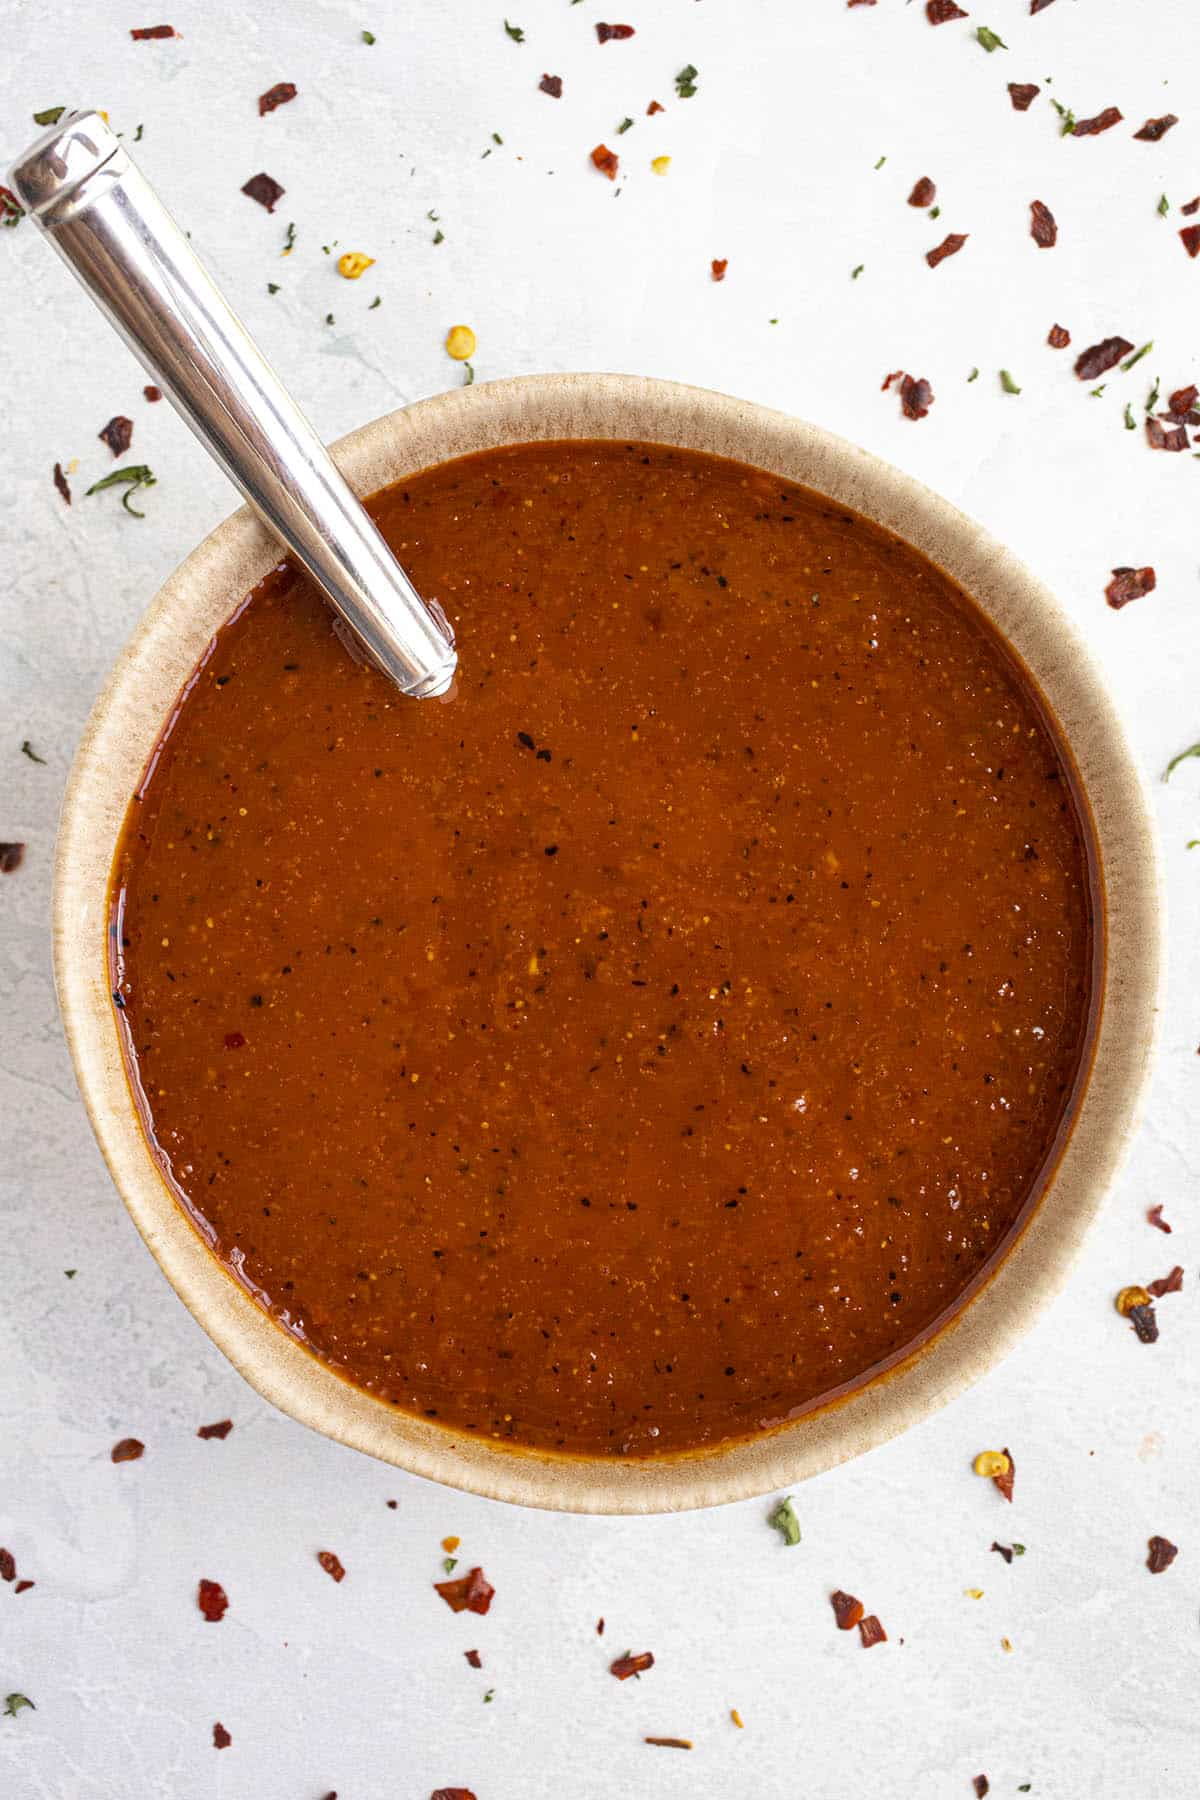 Korean BBQ Sauce in a bowl